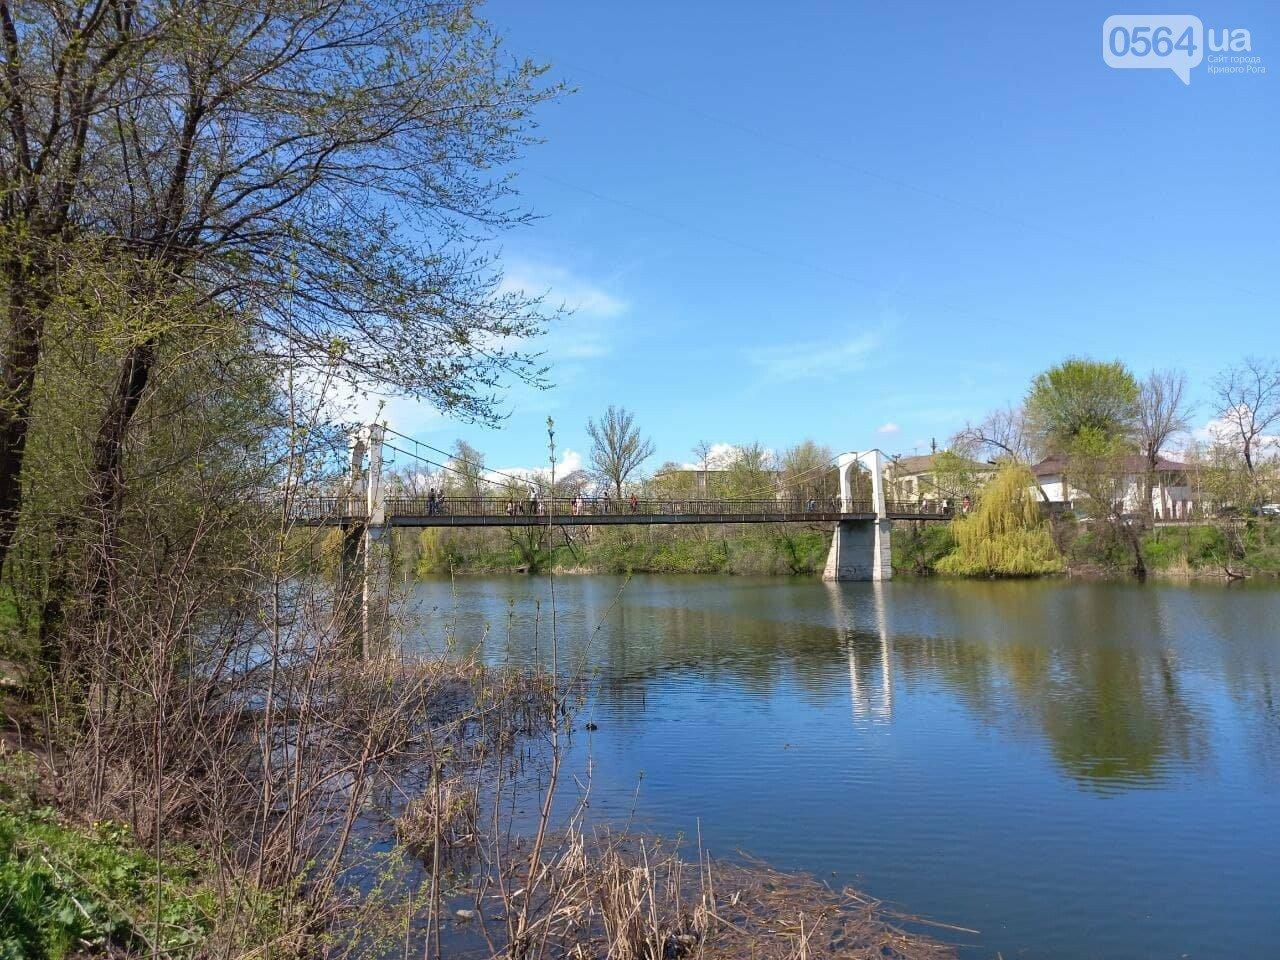 Свадебный, пешеходный, железнодорожный, - история создания криворожских мостов, - ФОТО, фото-9